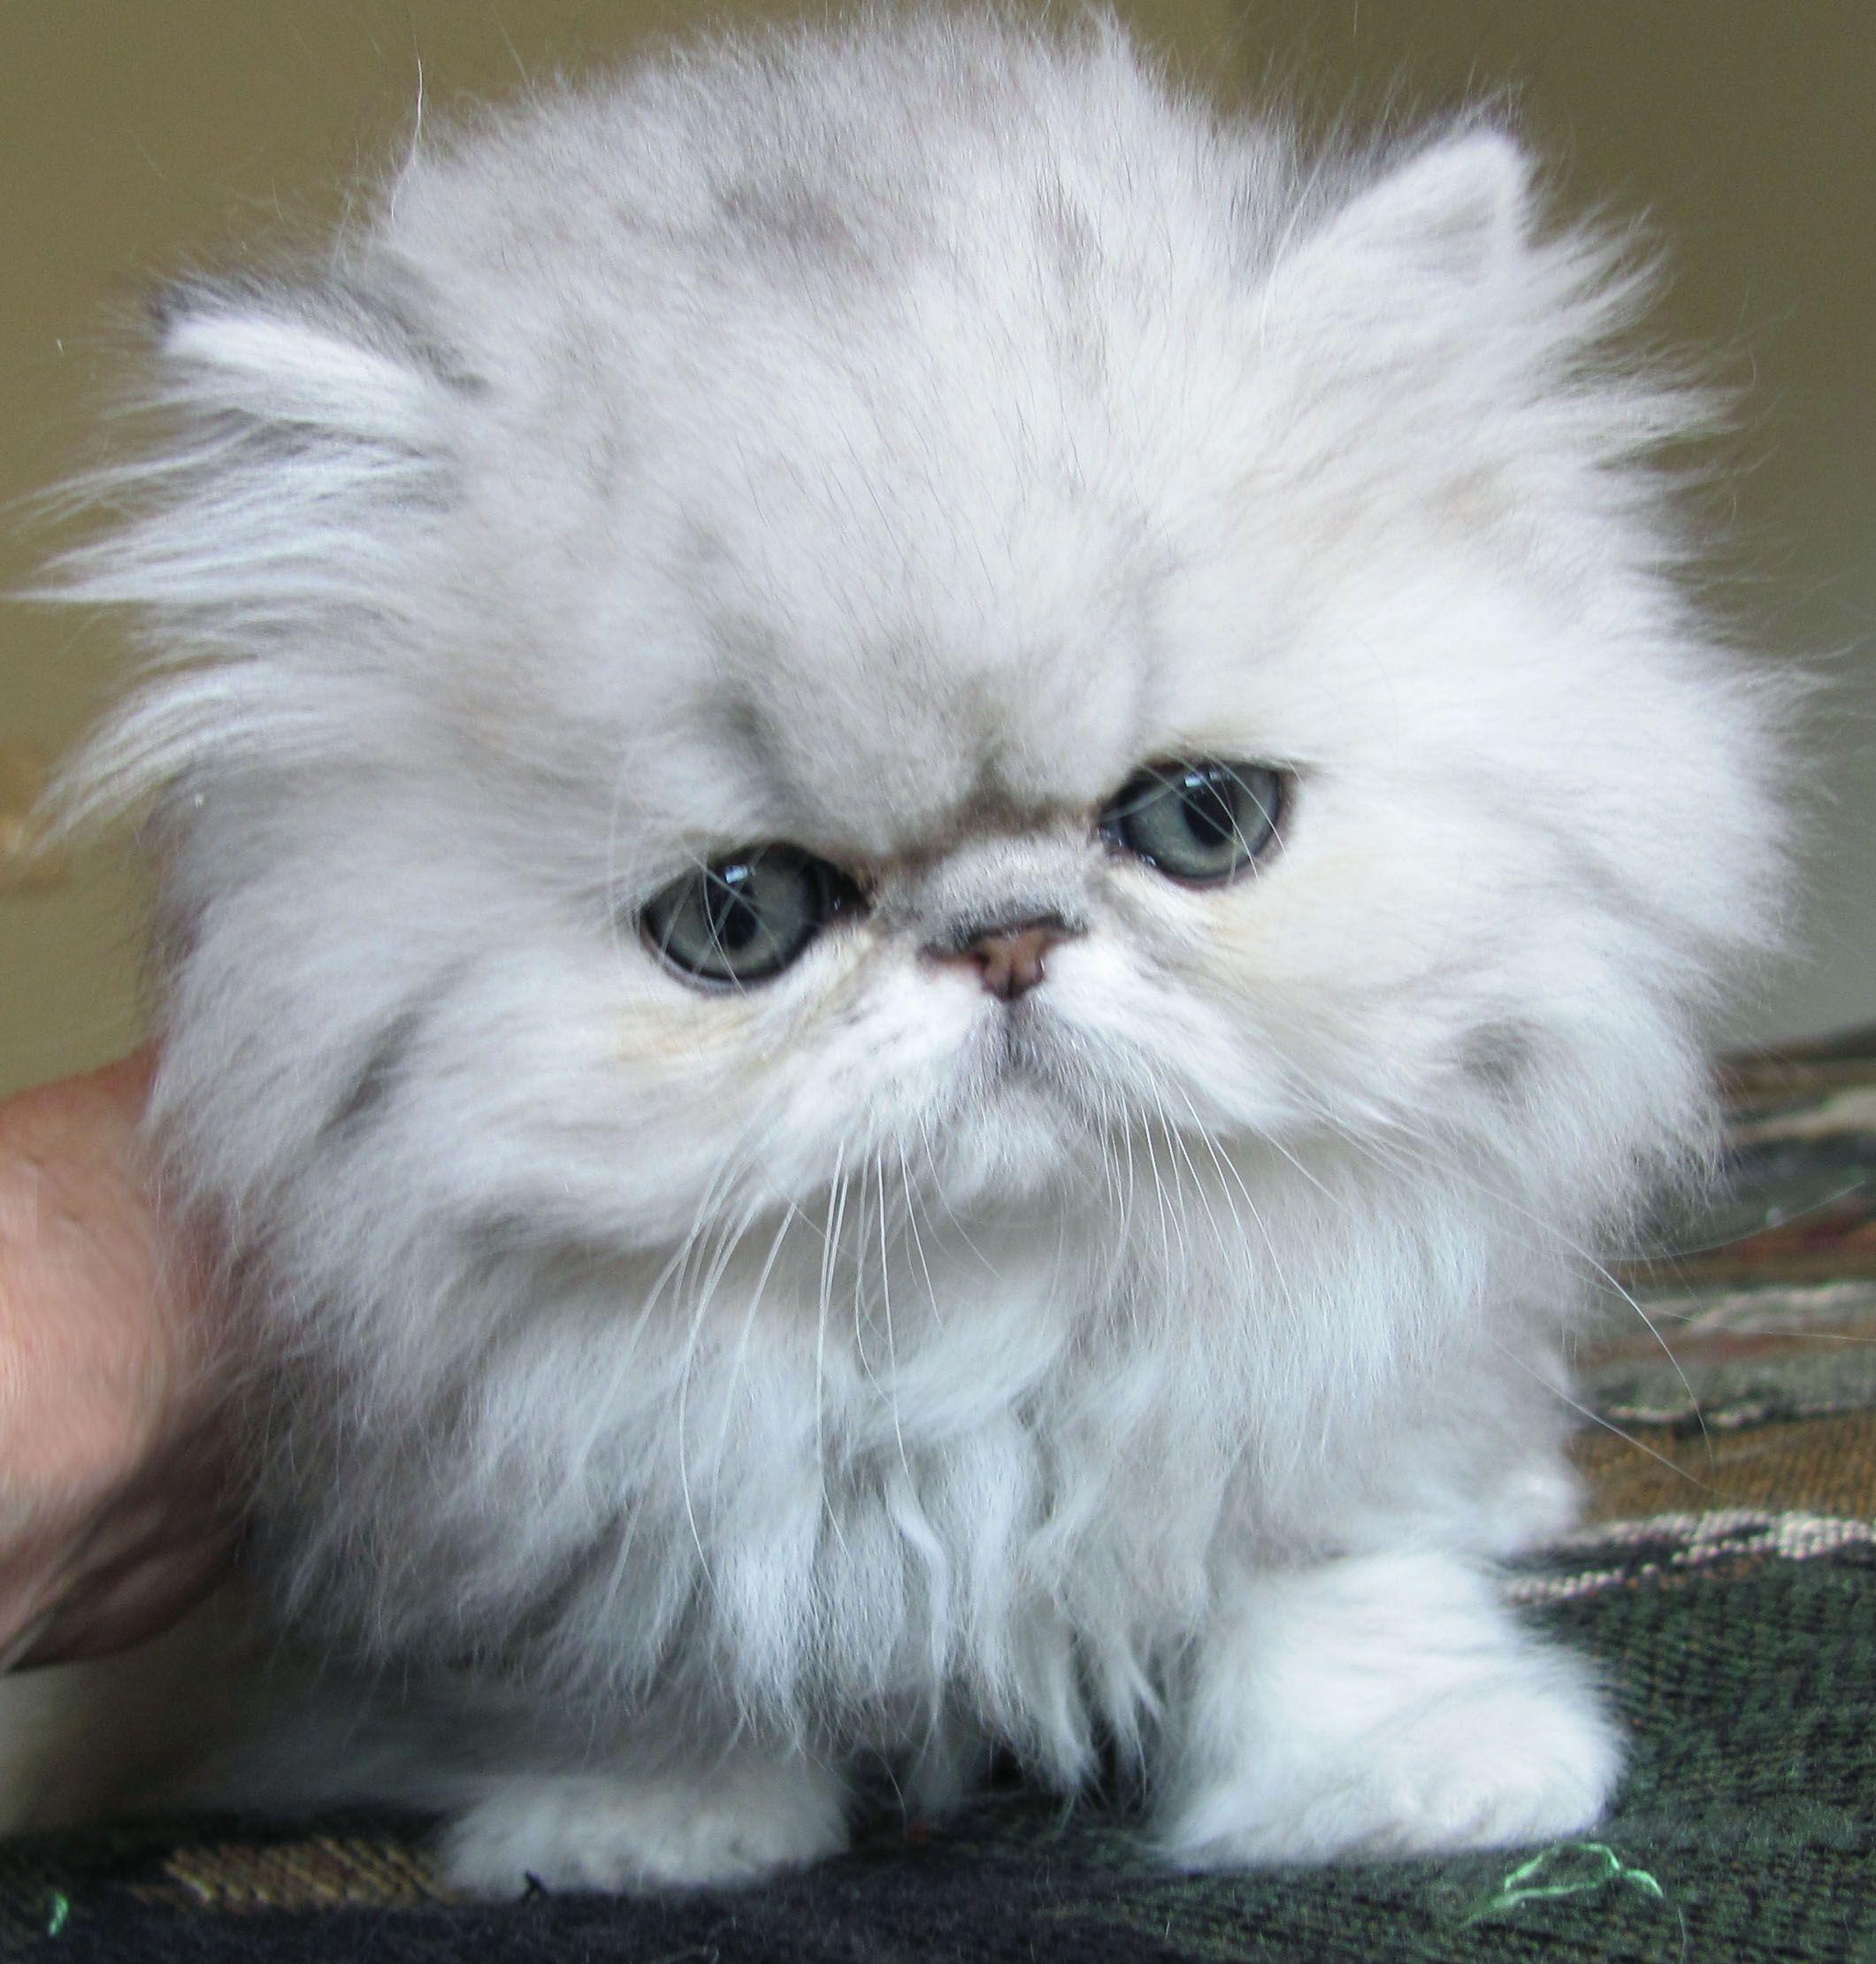 Cutest Fluff Ball Persian Kitten Cute Cats And Dogs Cute Cats Kittens Cutest